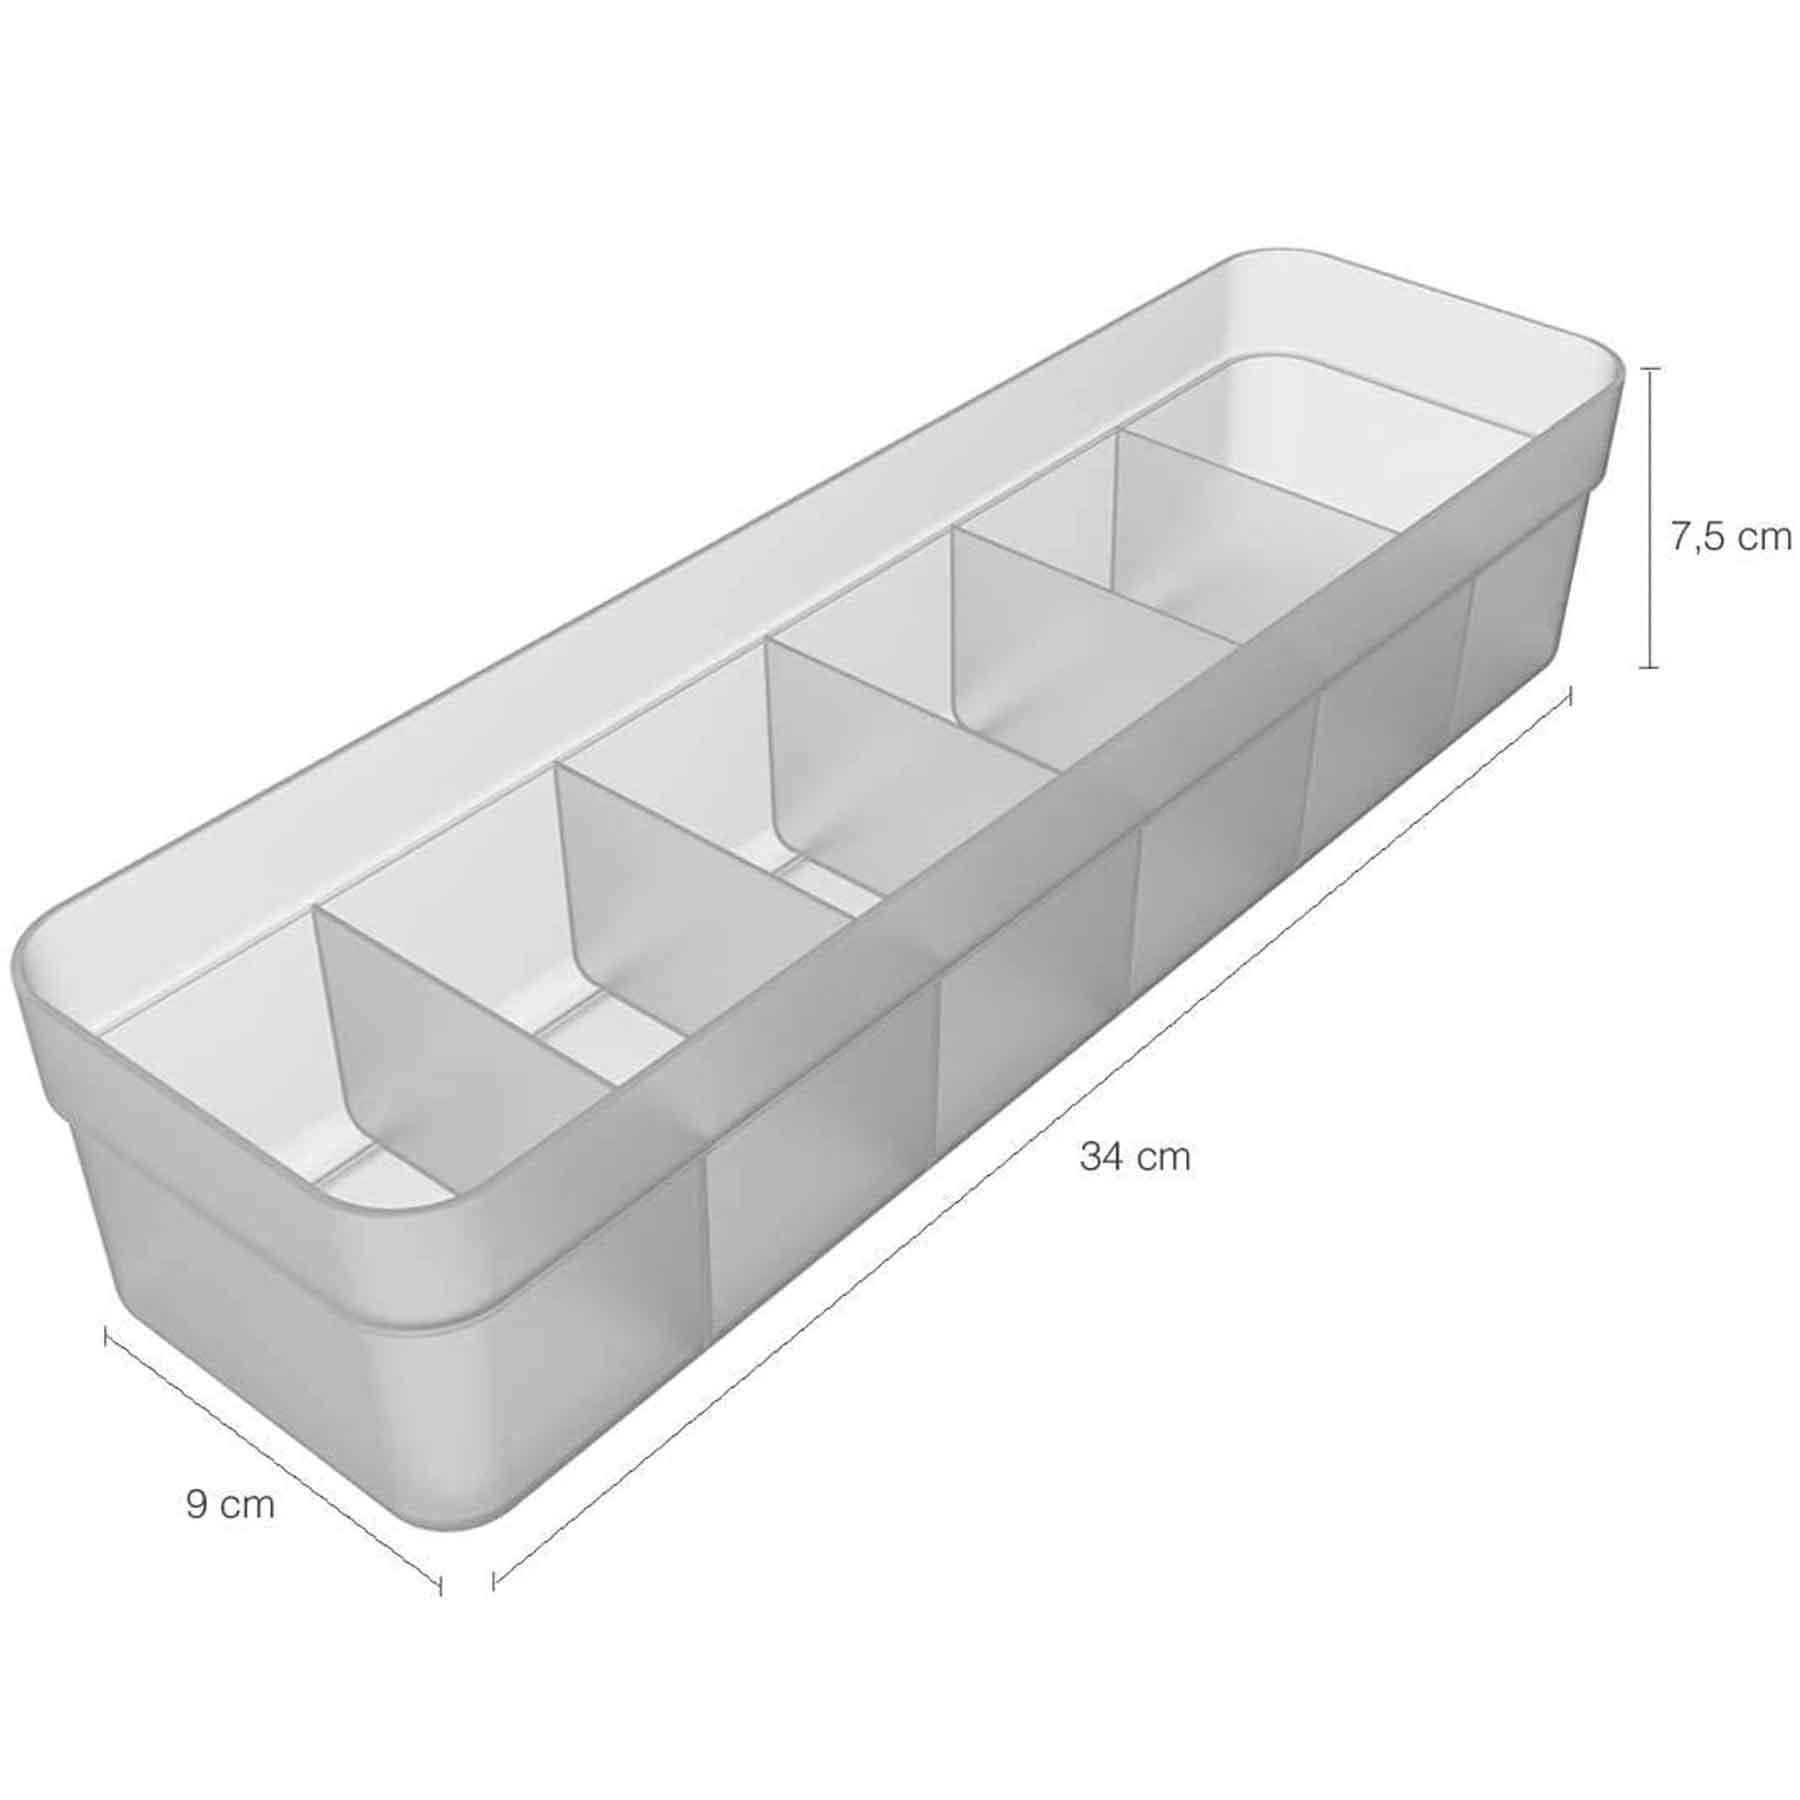 Organizador de gavetas 6 nichos 35 x 12,5 x 7,5cm Neutro